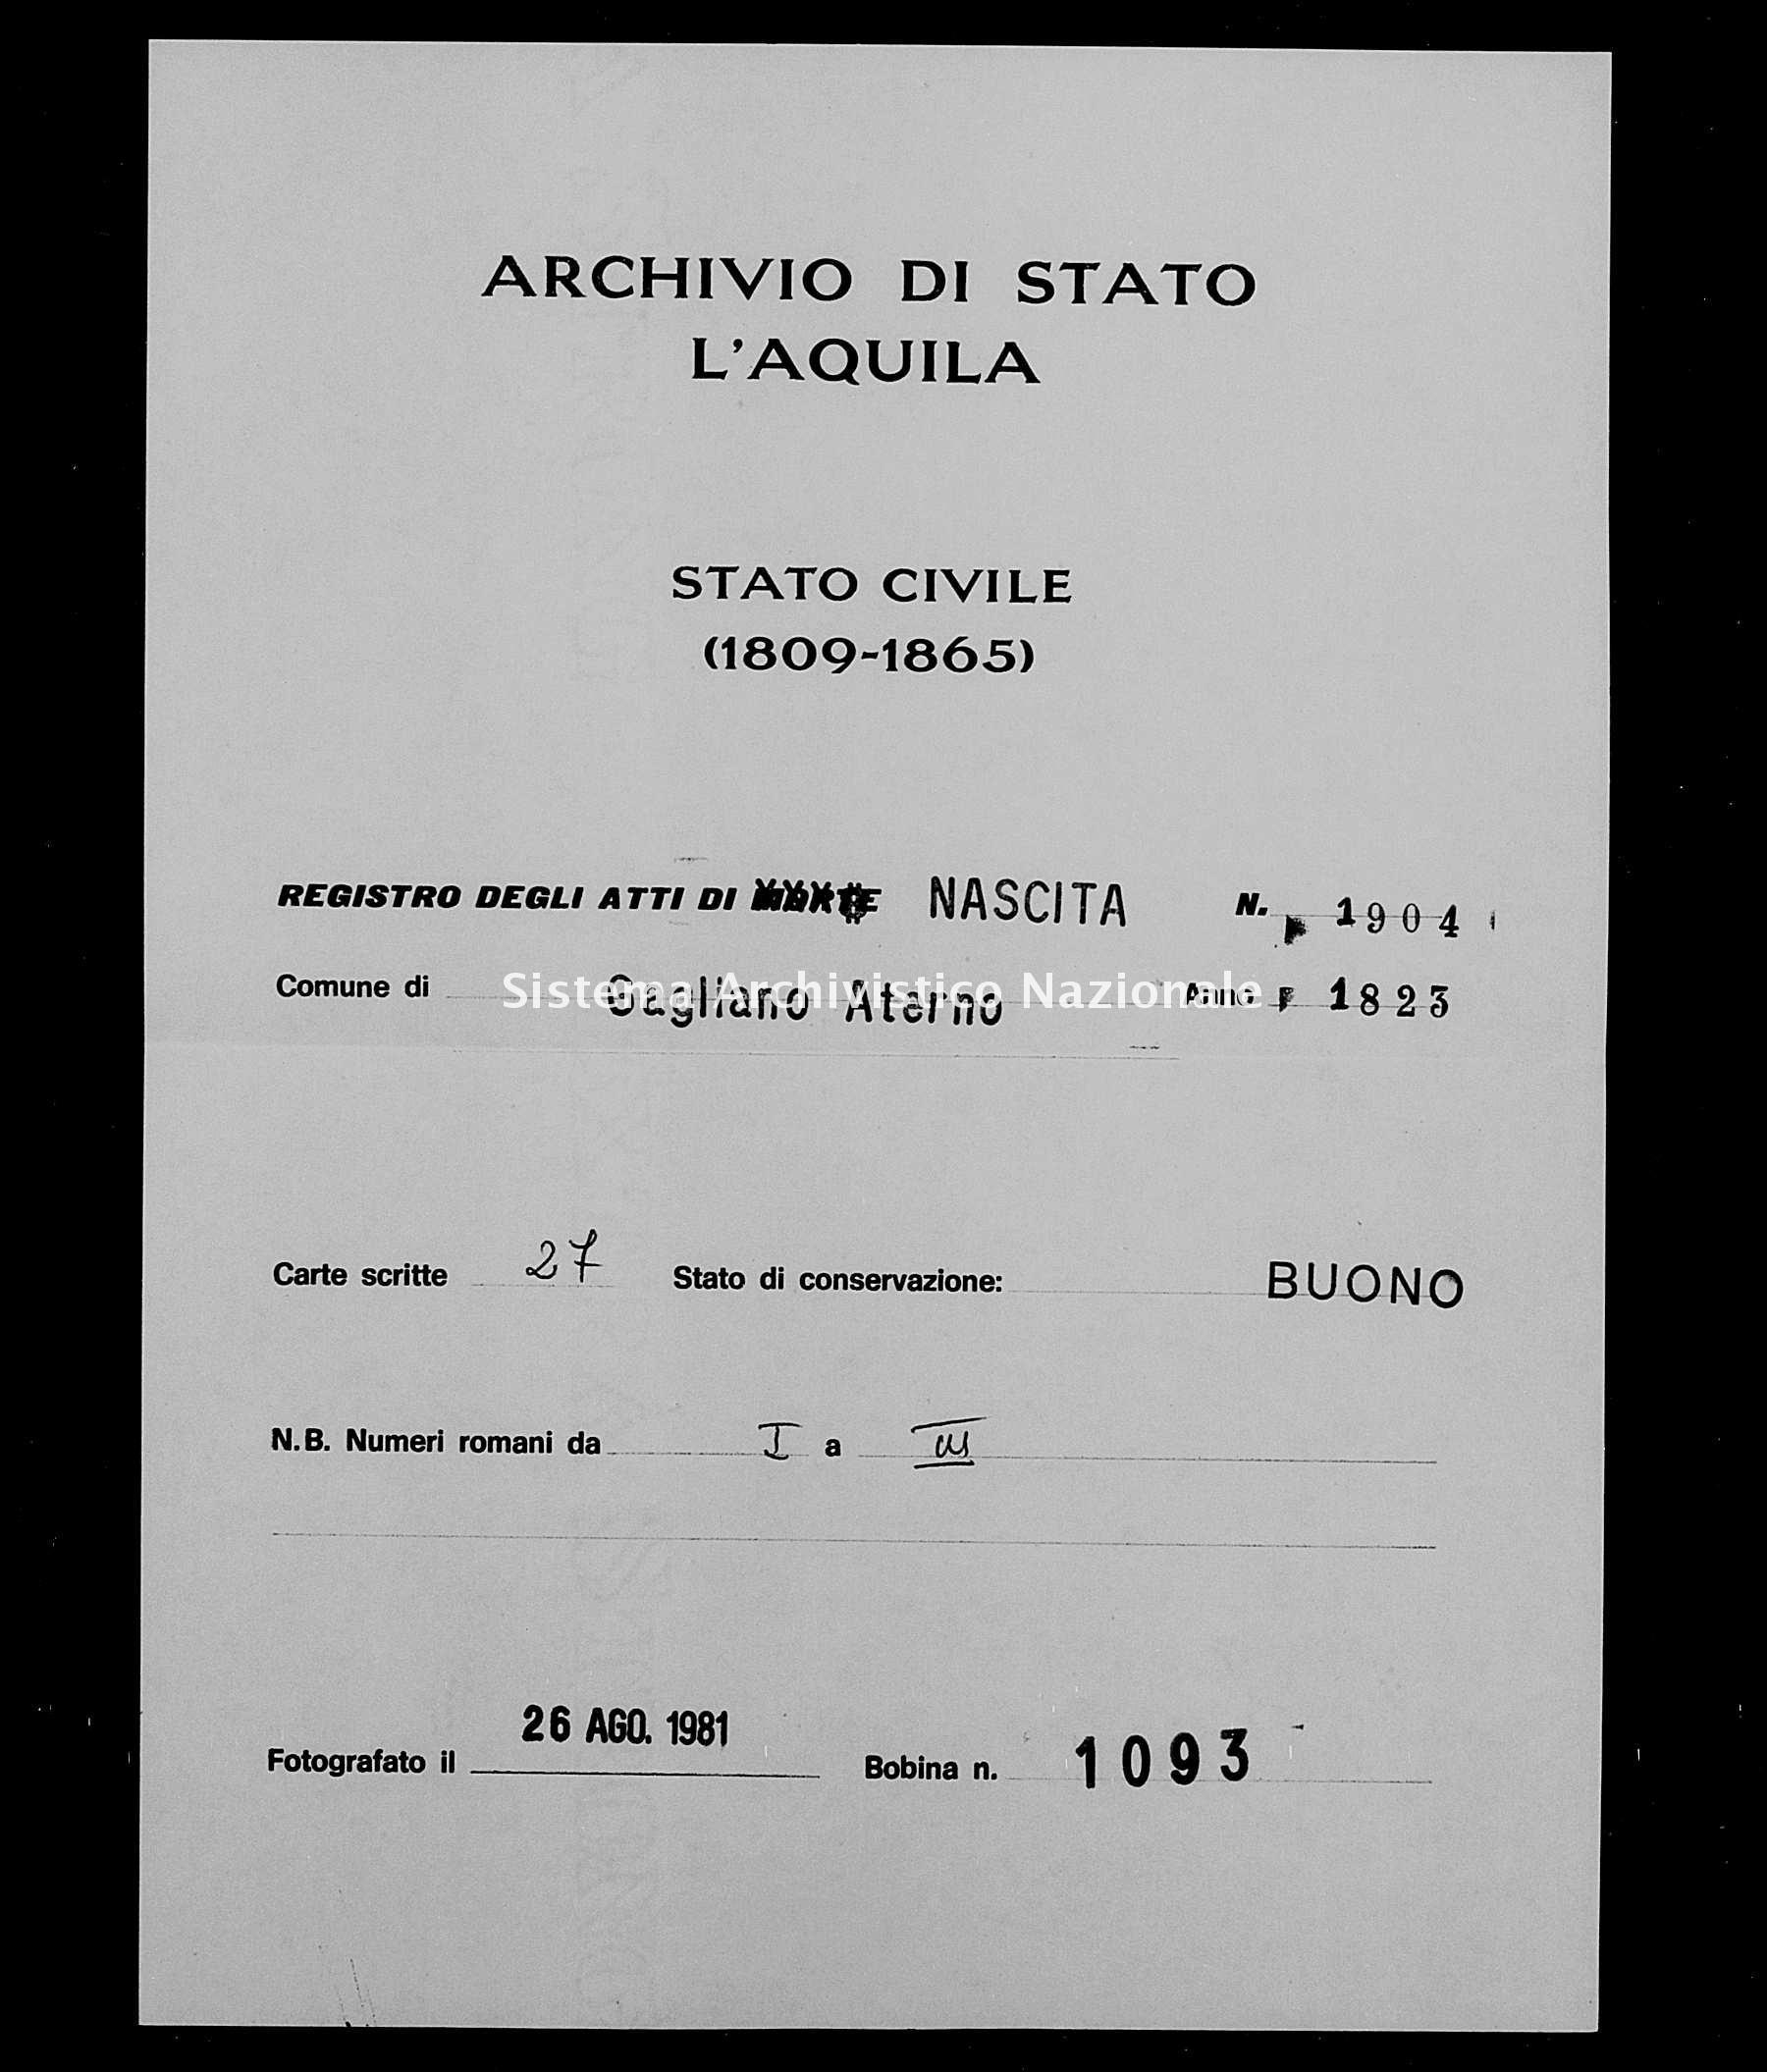 Archivio di stato di L'aquila - Stato civile della restaurazione - Gagliano Aterno - Nati - 1823 - 1904 -